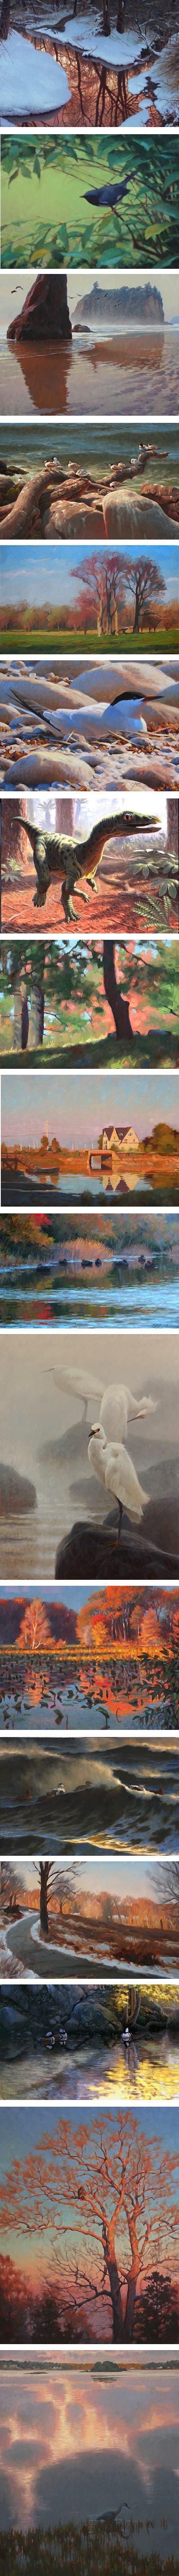 Sean Murtha, birds, nature art, plein air landscape painting